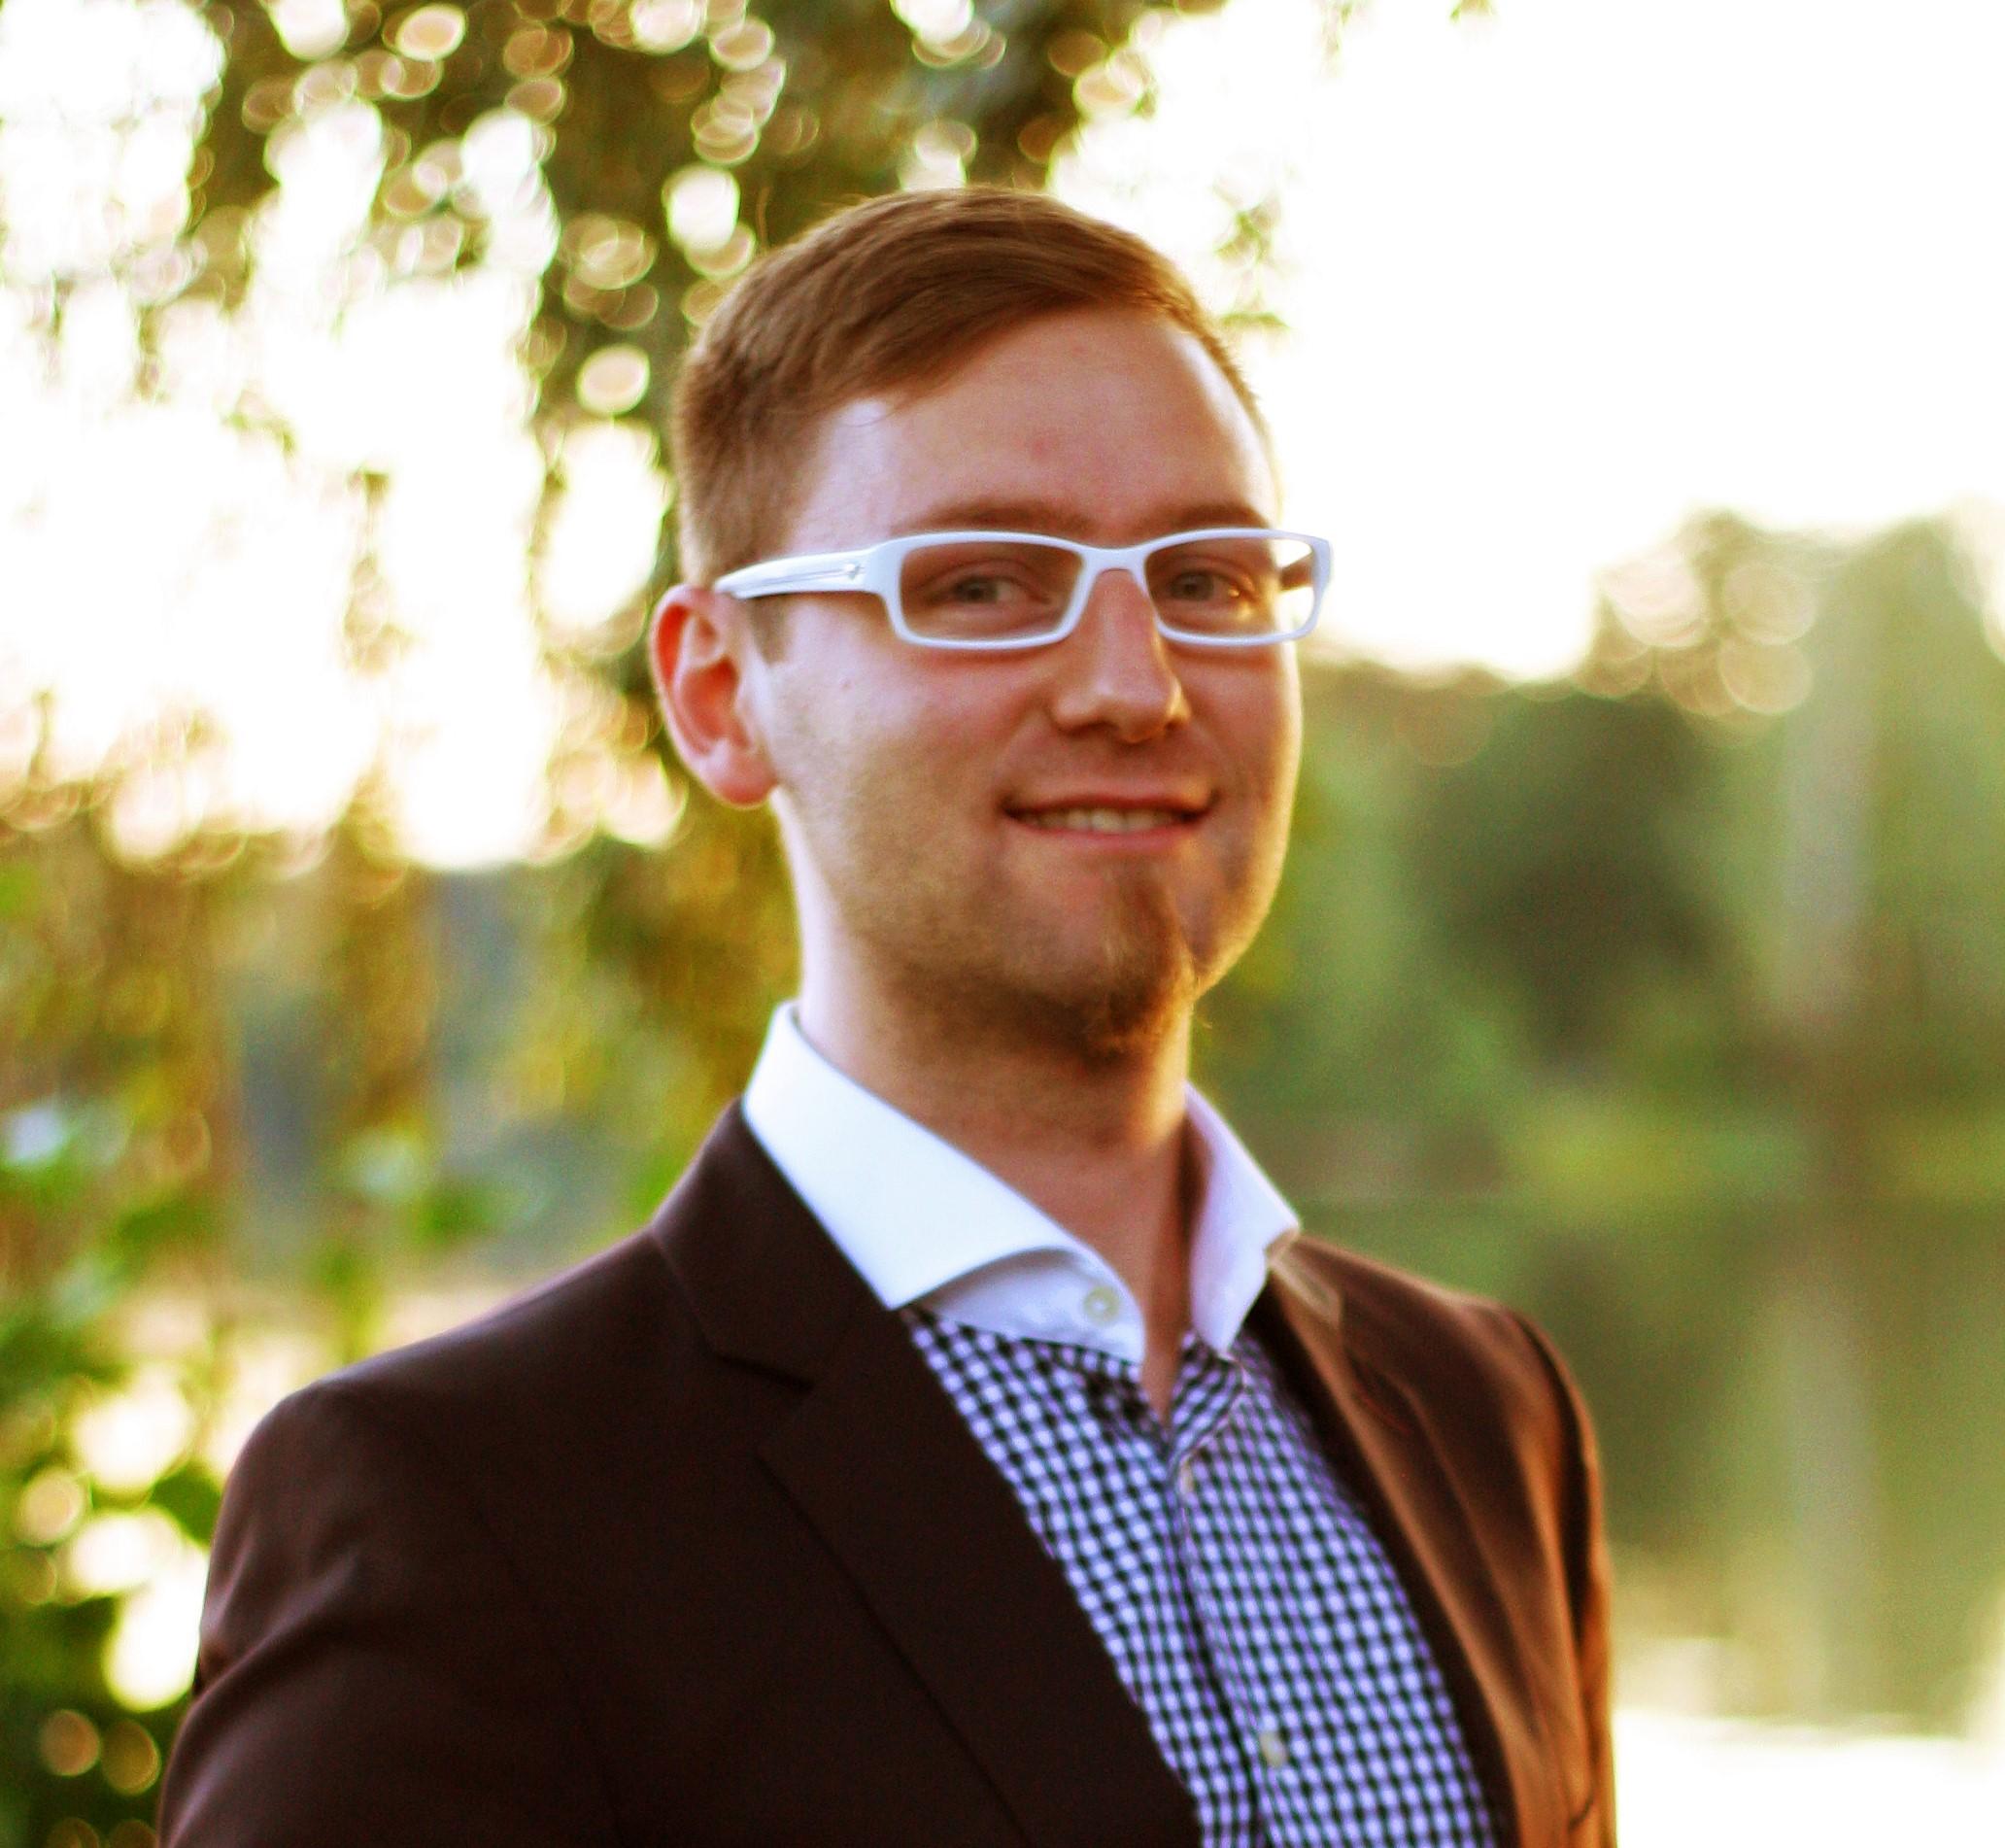 Profilbild Julian V.